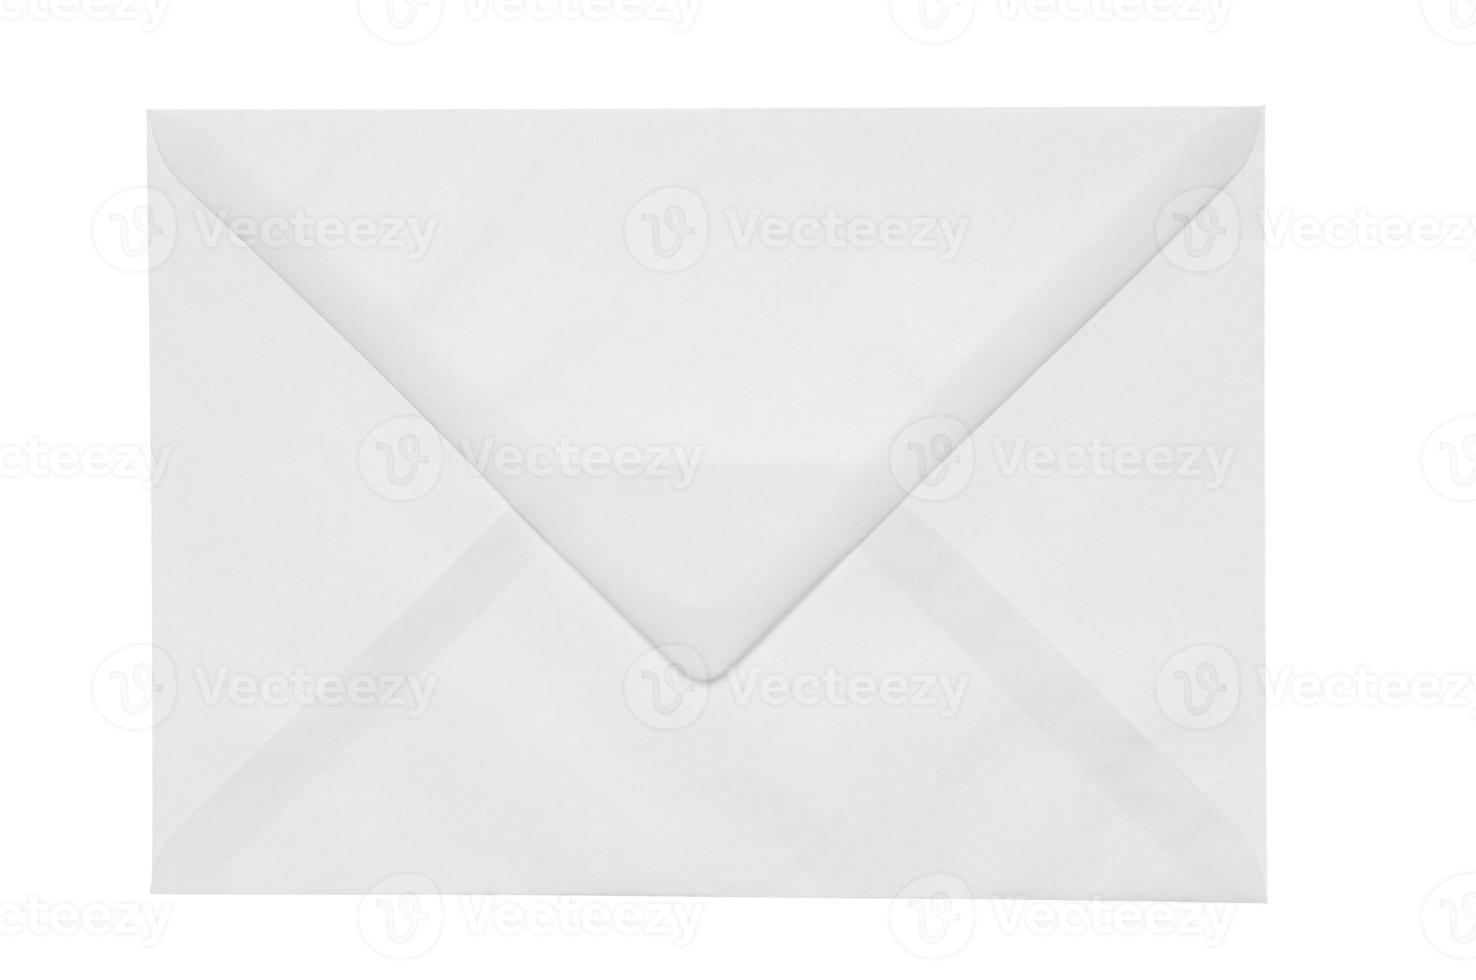 leerer Umschlag foto